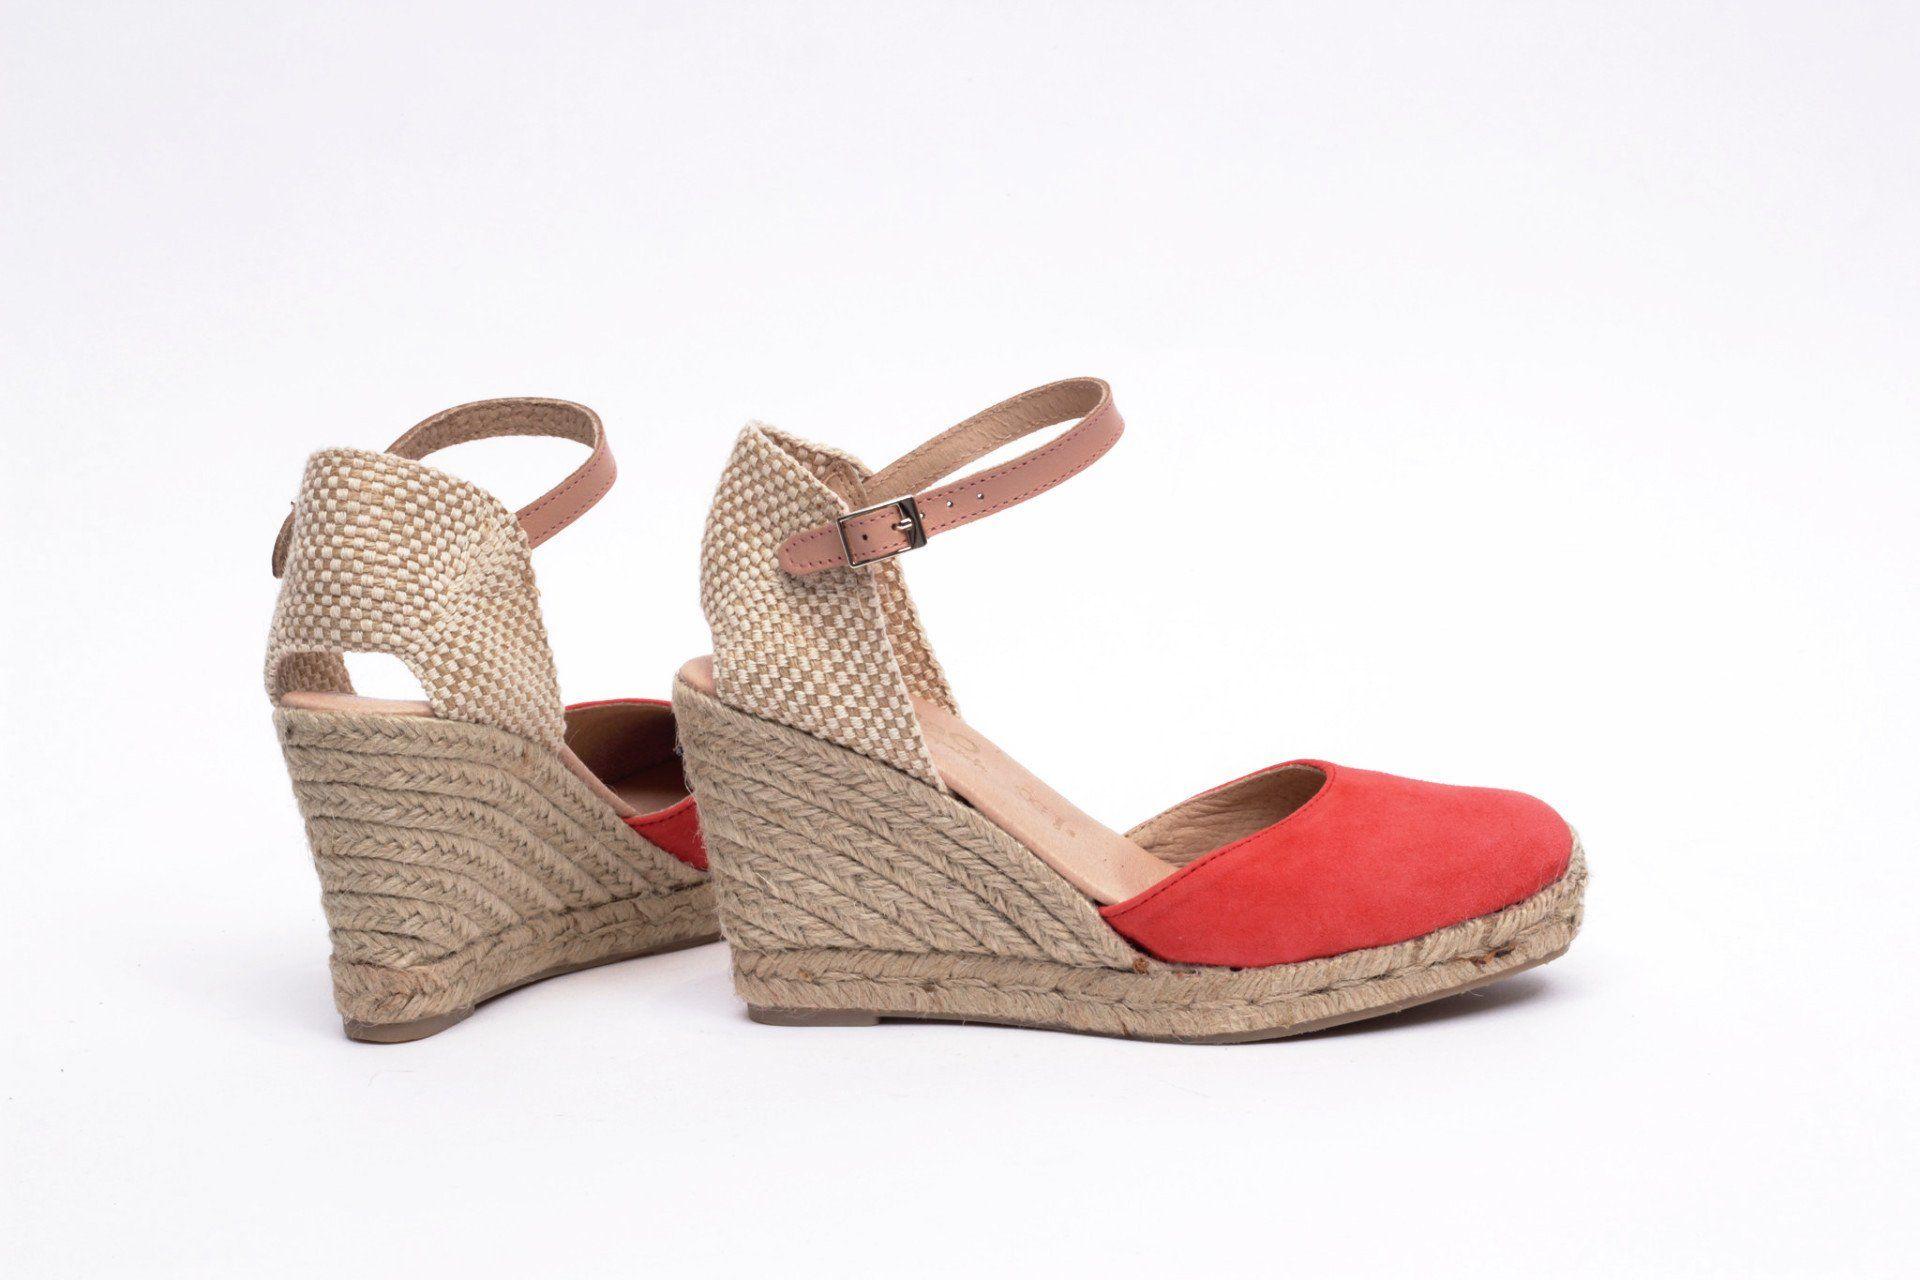 Cómodo Mimao Sandalias Mujer Rojo Esparto – Coral Tacón Cuña Color RAjL354q